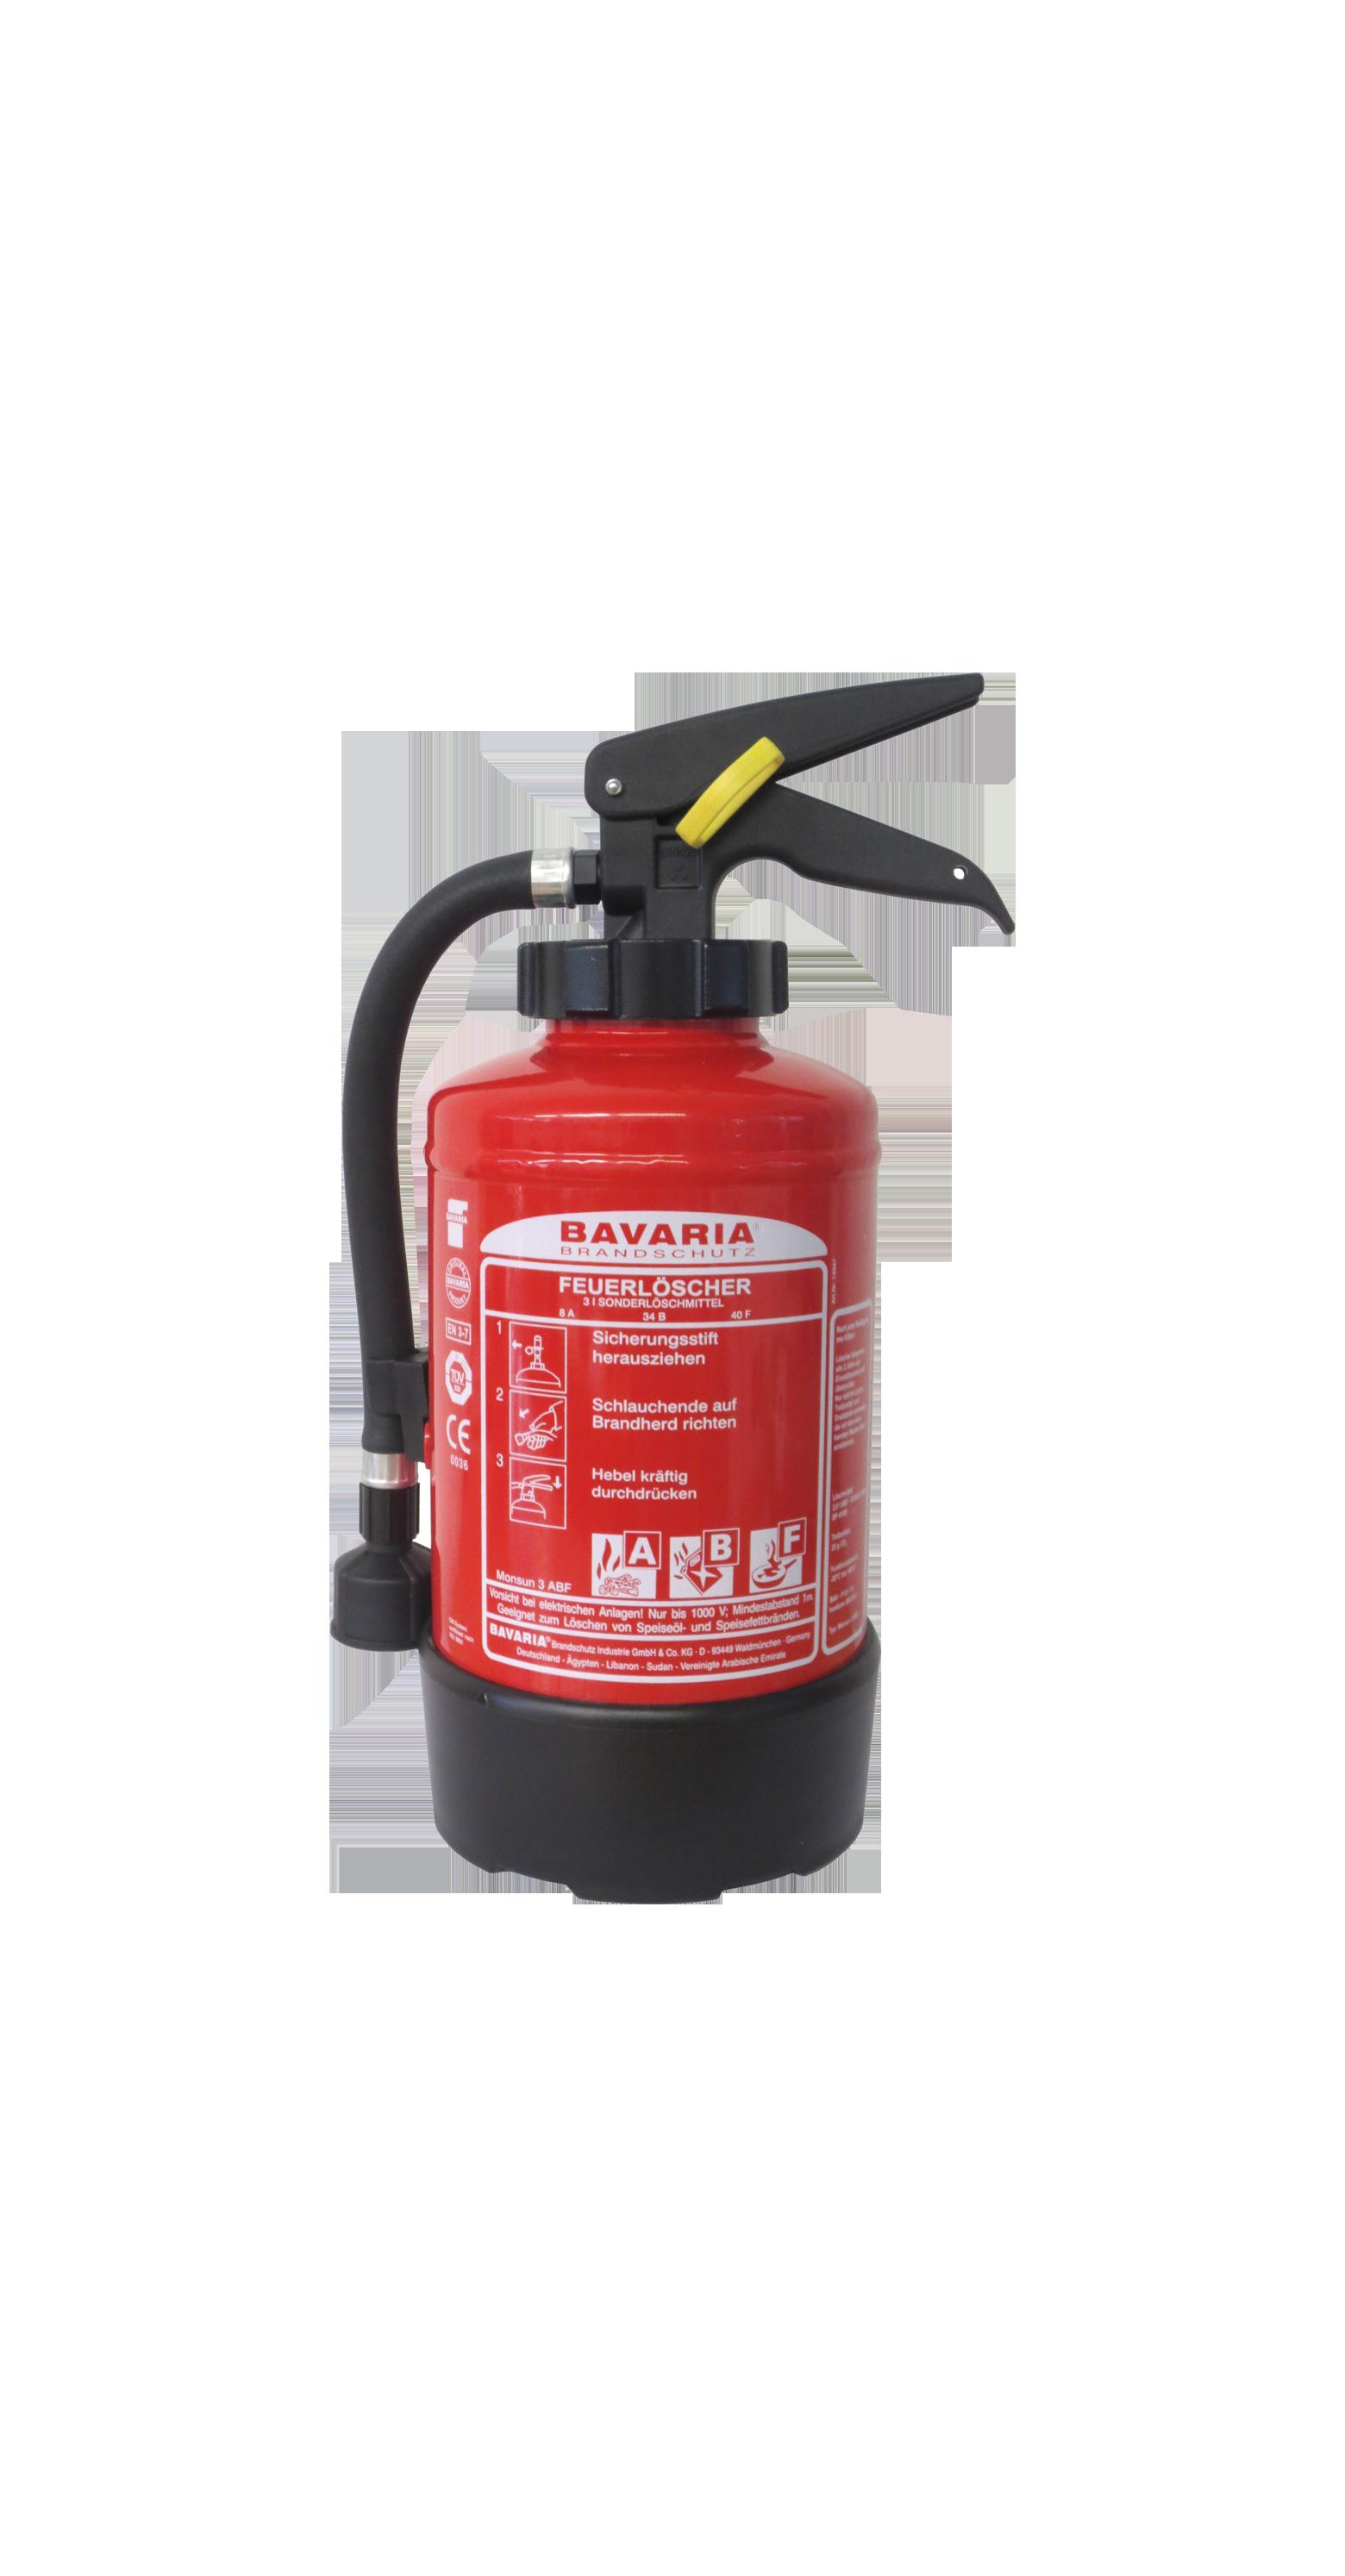 BAVARIA Monsun 3 ABF eignet sich ideal für Haushalt, Camping und Caravan. – BAVARIA 3l Fettbrandlöscher, frostsicher, 4LE – Fettbrandlöscher –